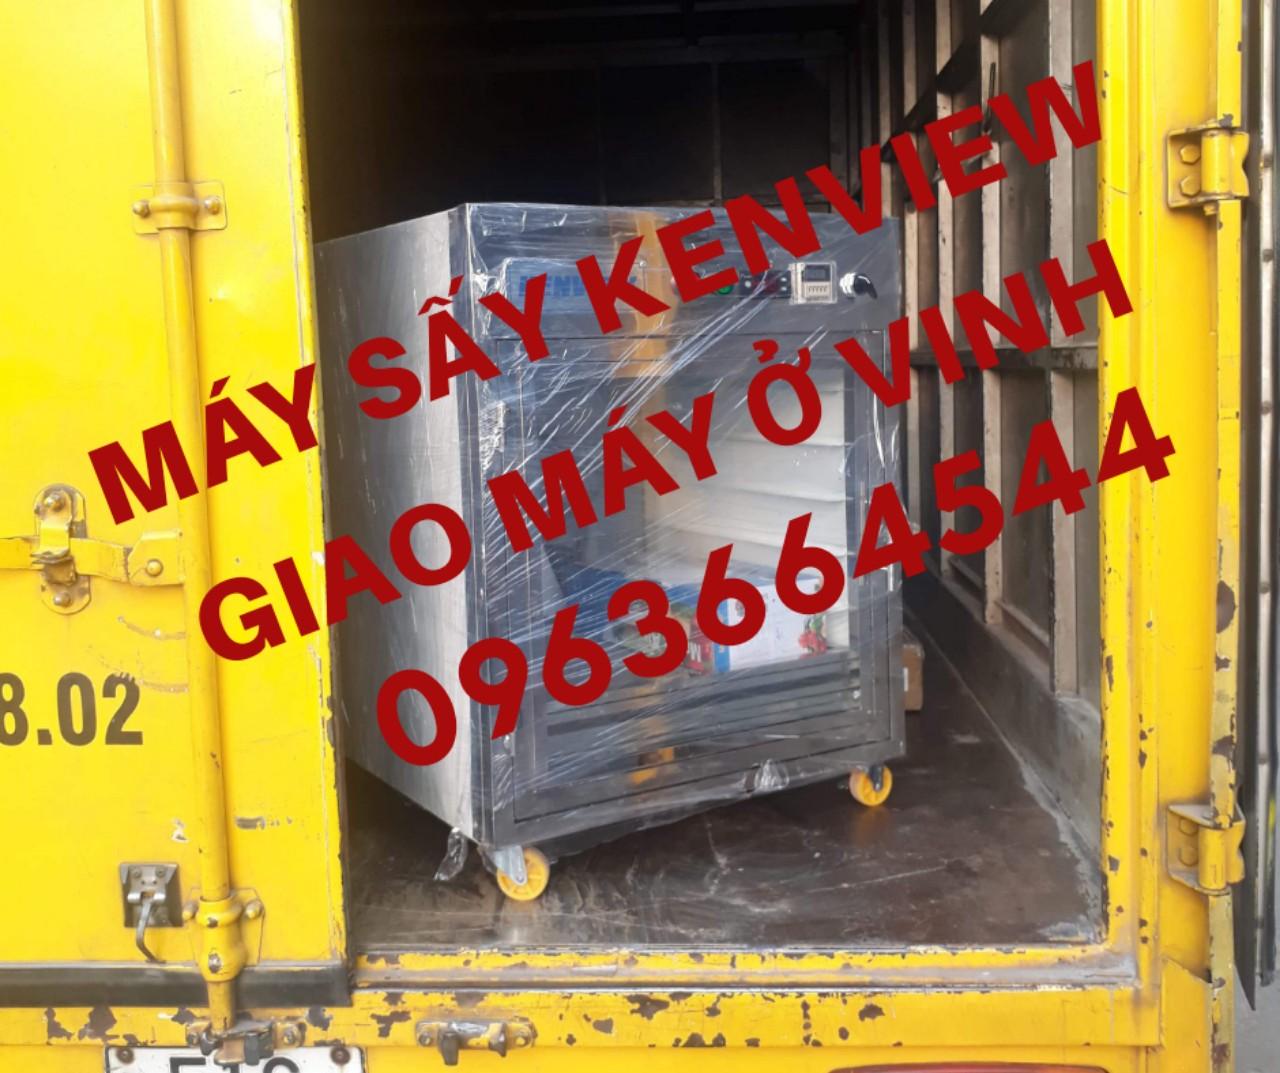 Cung cấp máy sấy chà bông, khô gà ở Thành Phố Vinh 0963664544